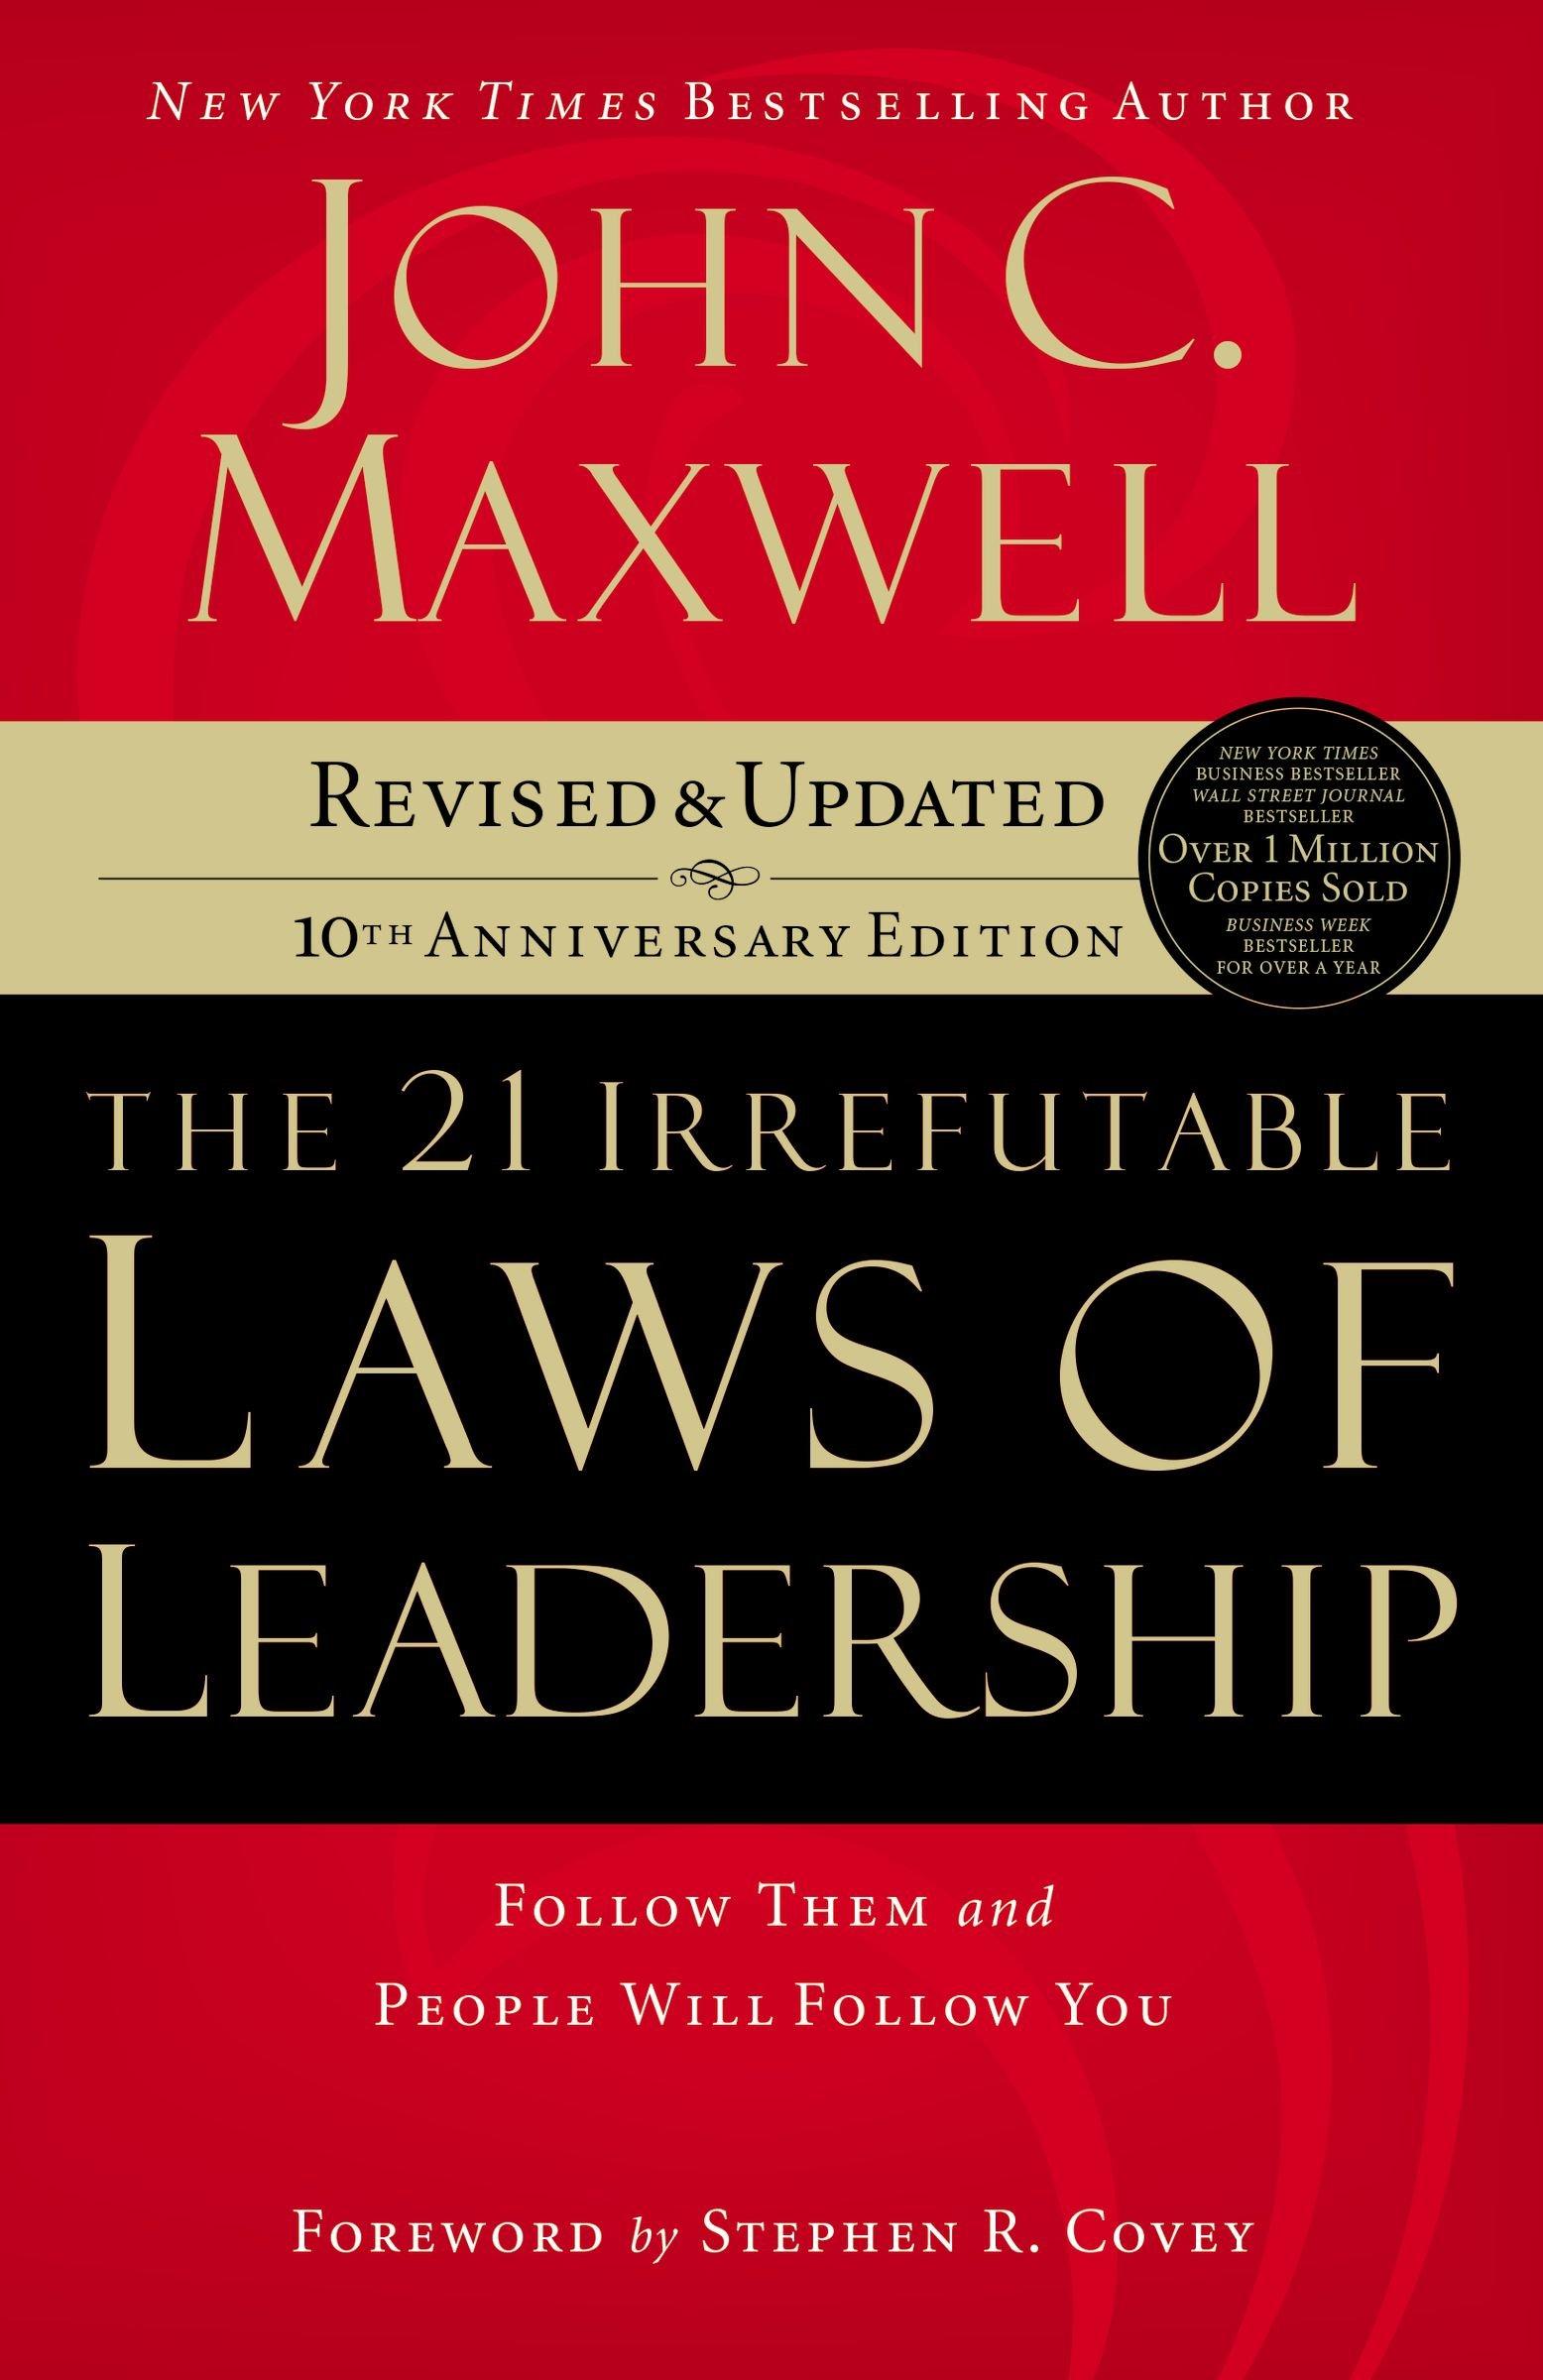 21laws of leadership